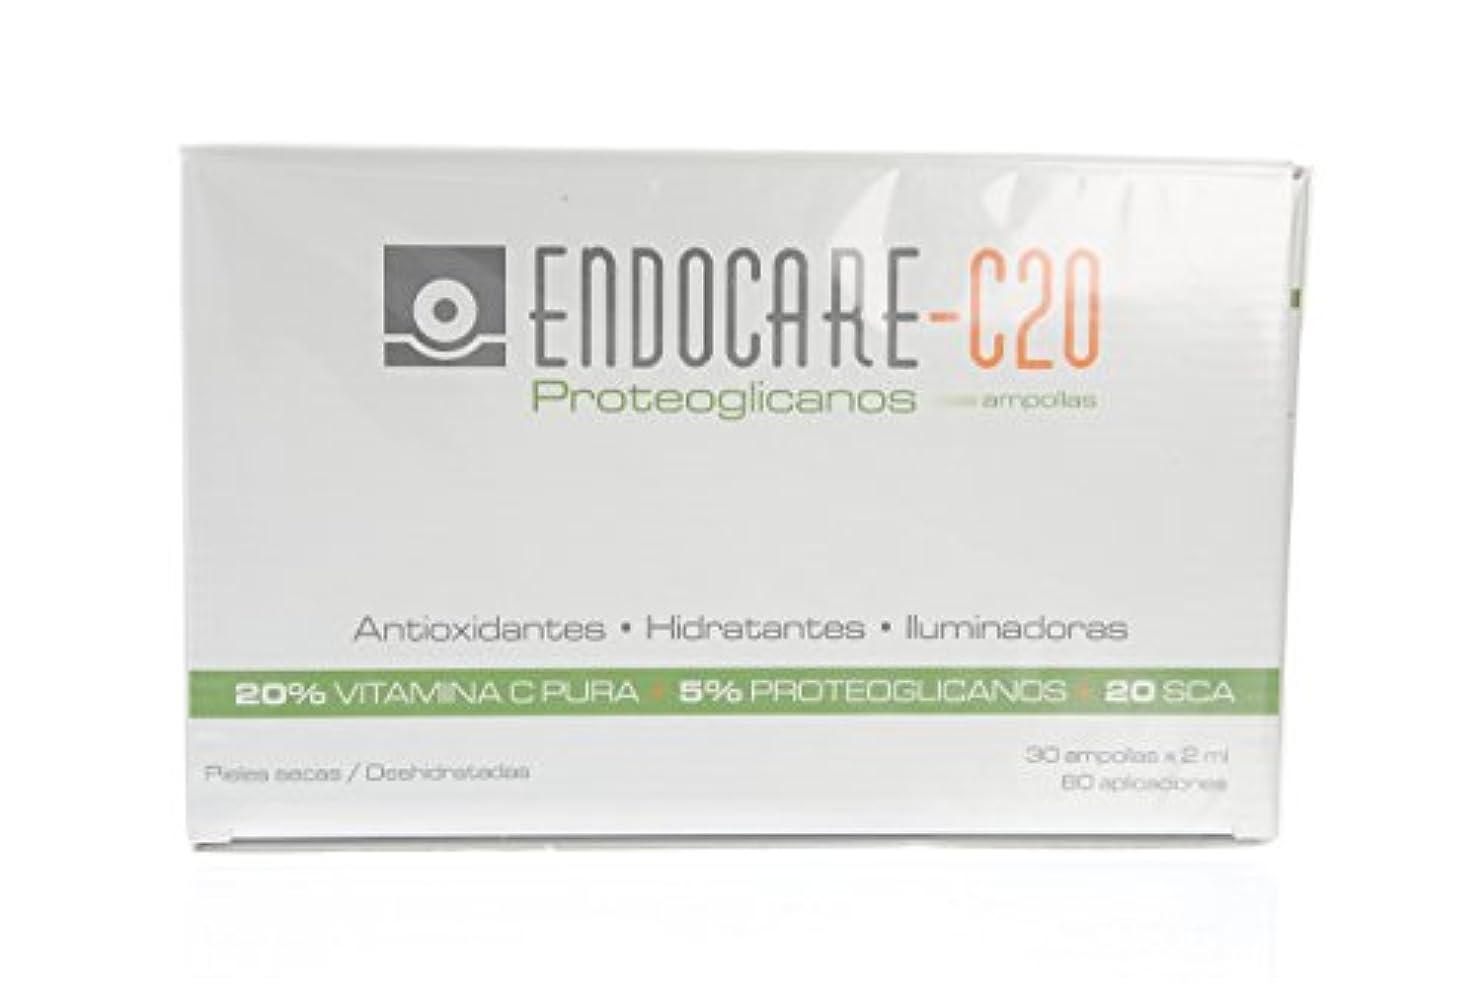 予防接種支配的実り多いENDOCARE-C20 Proteoglicanos Ampollas 30x2ML